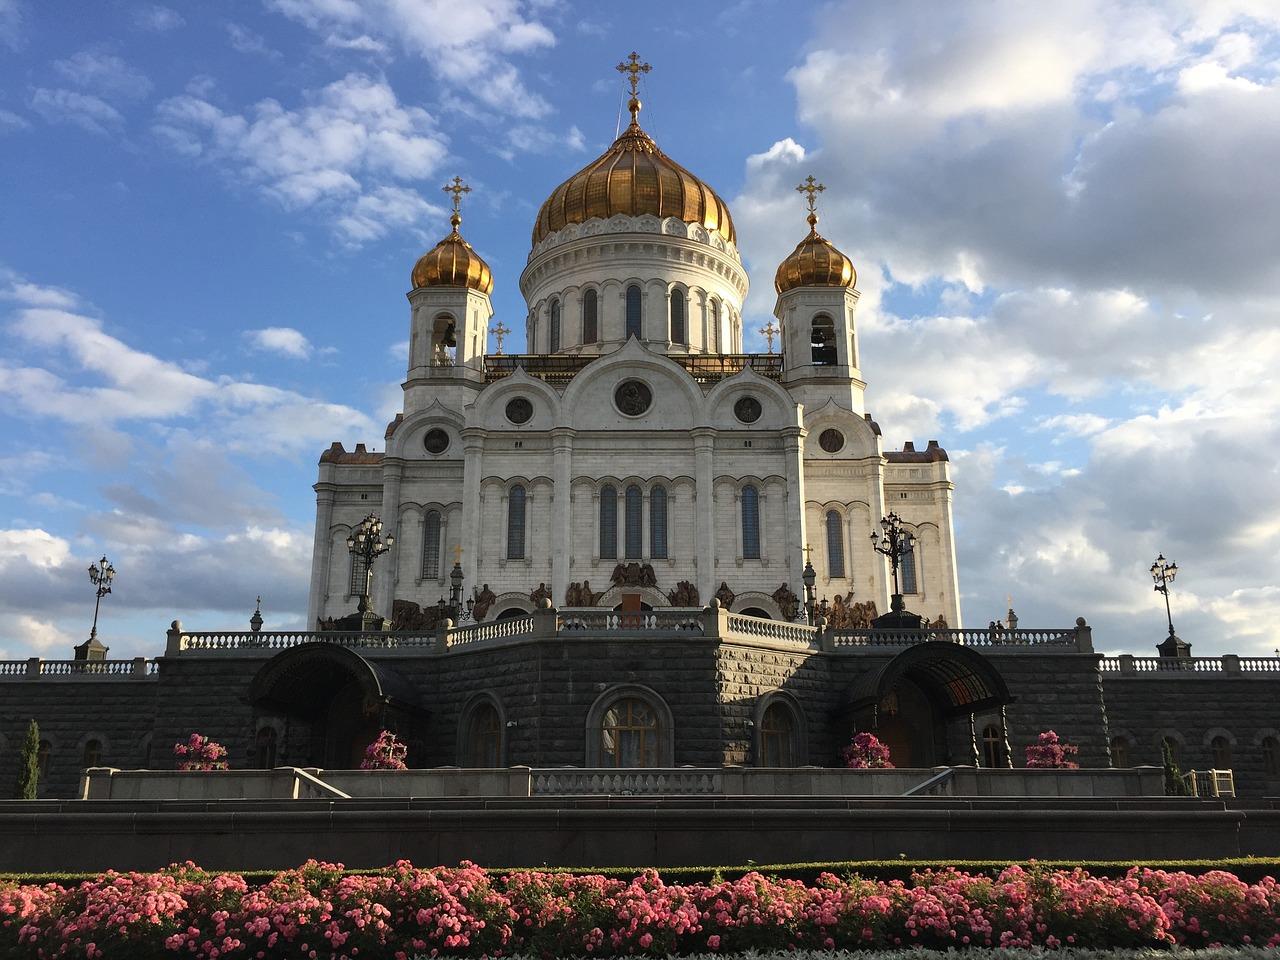 где-то там московские соборы и фото сопровождается образованием